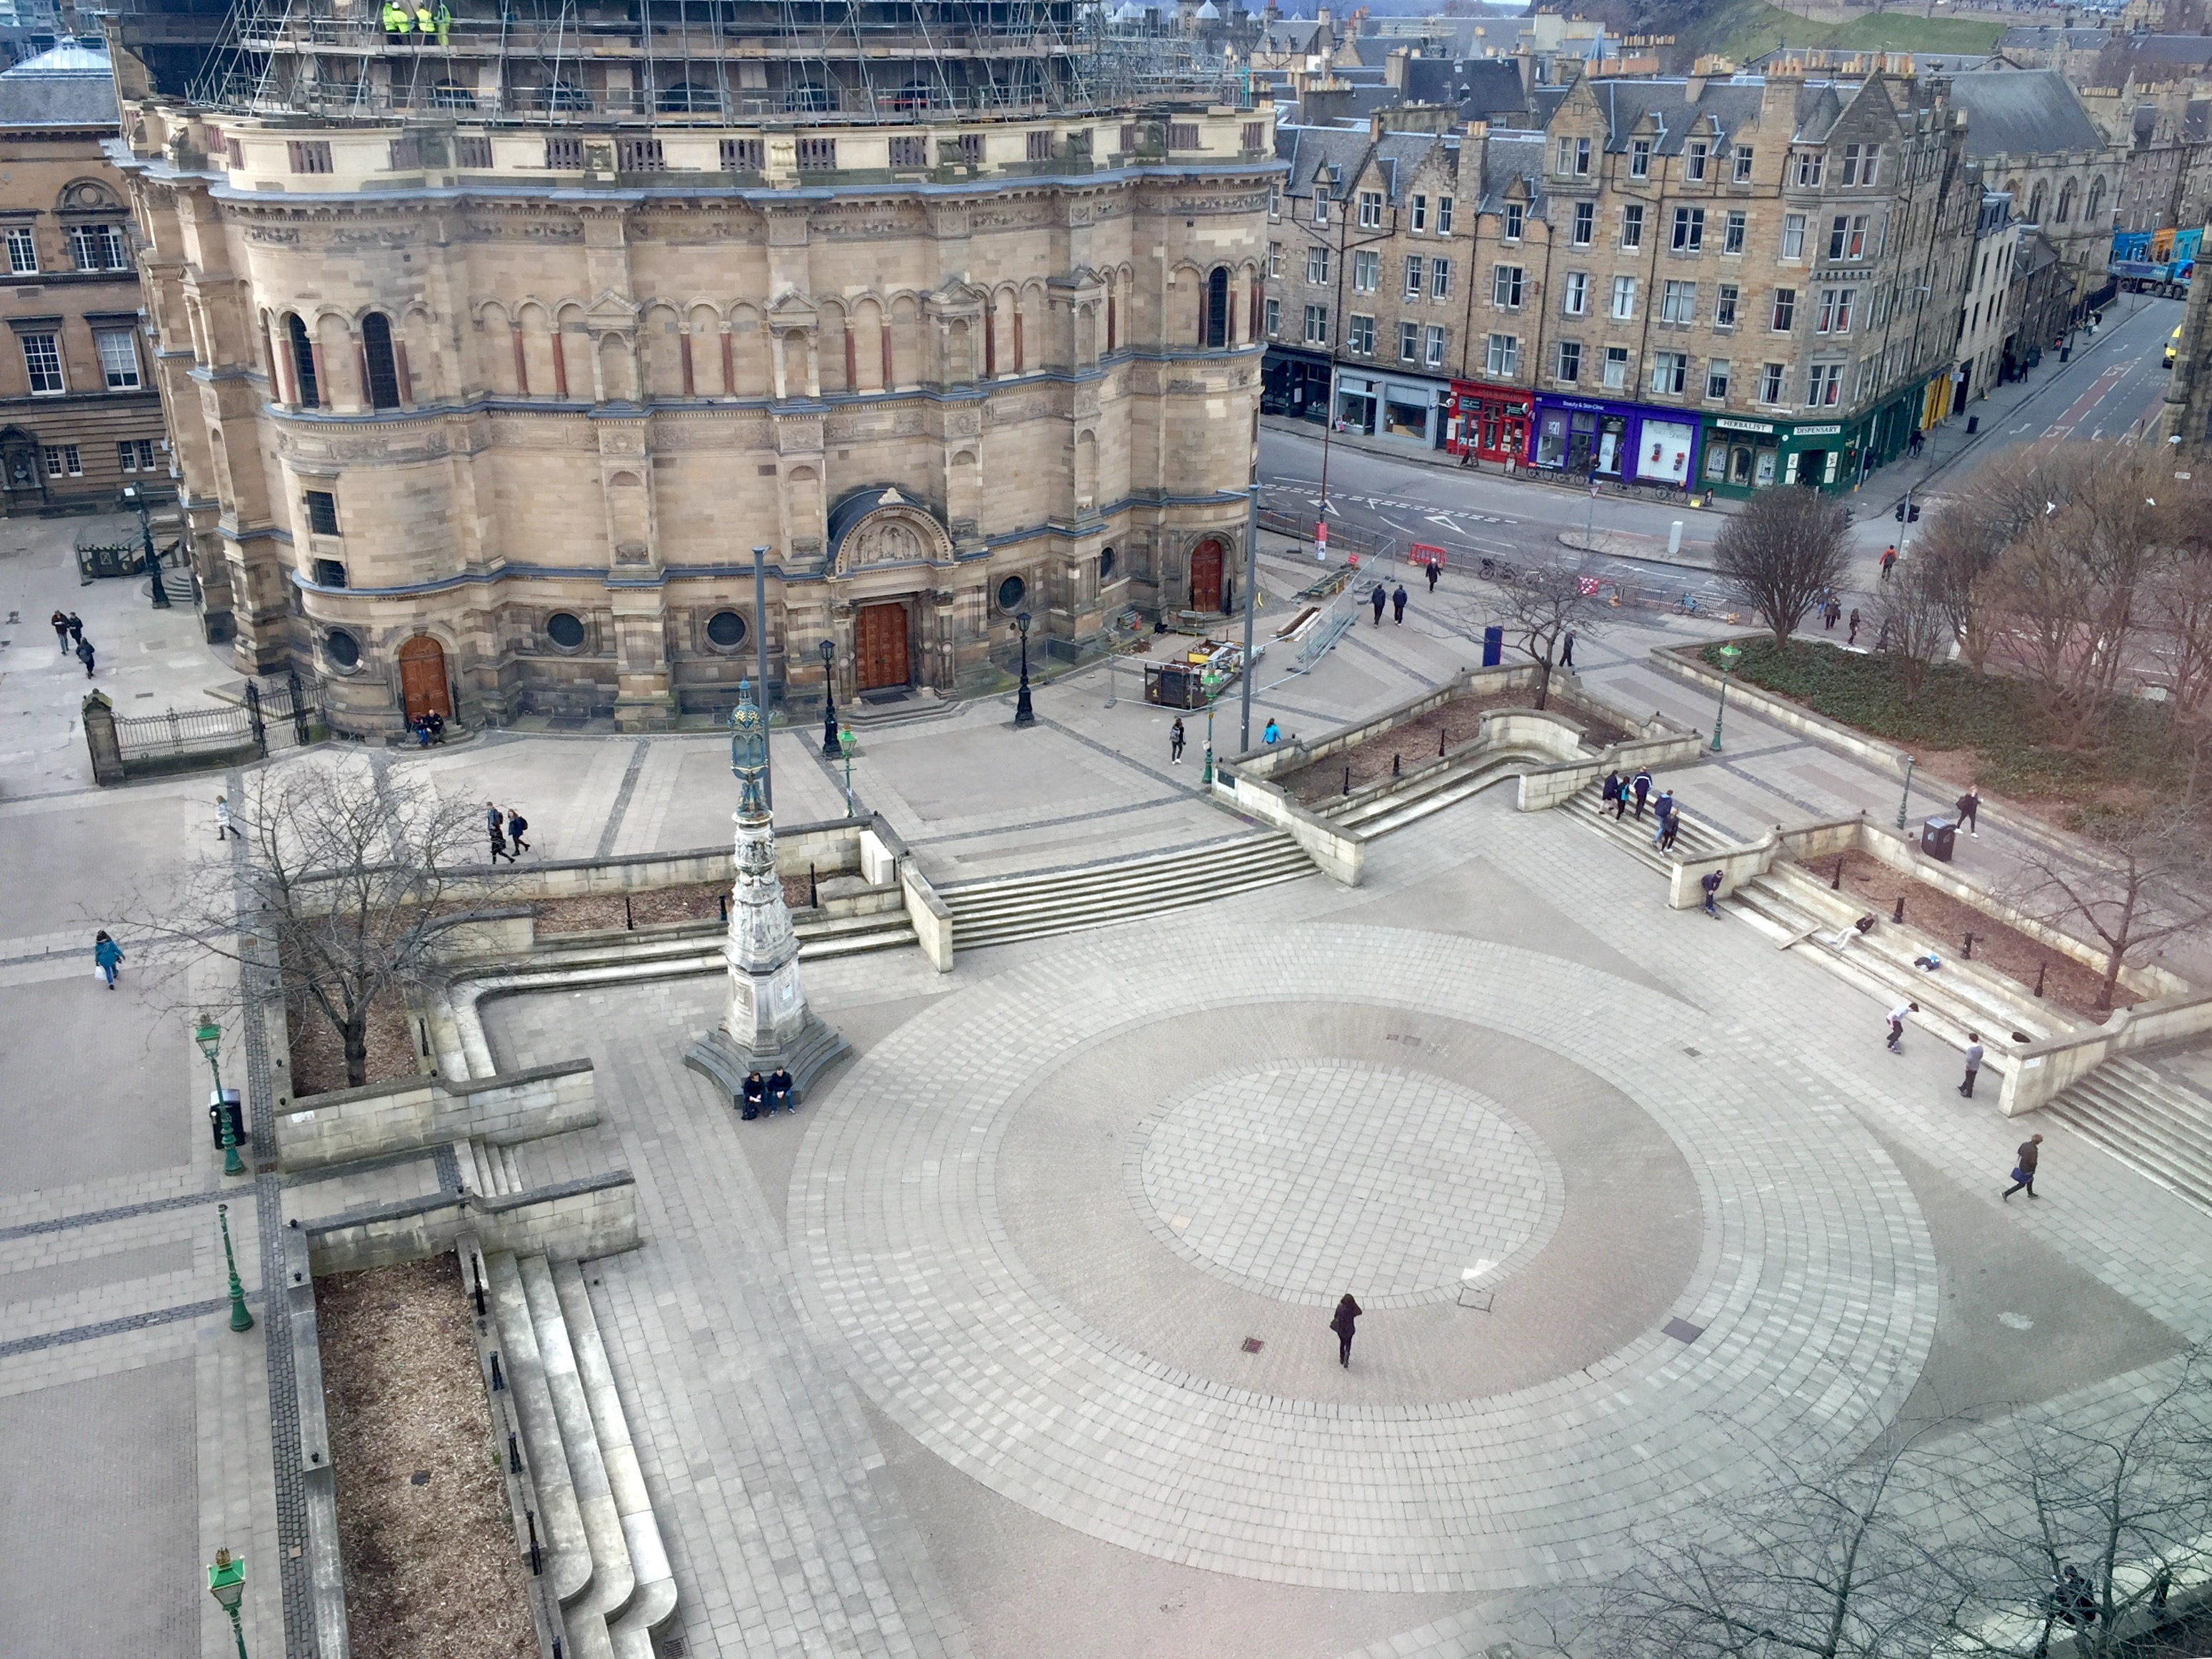 Bristo Square